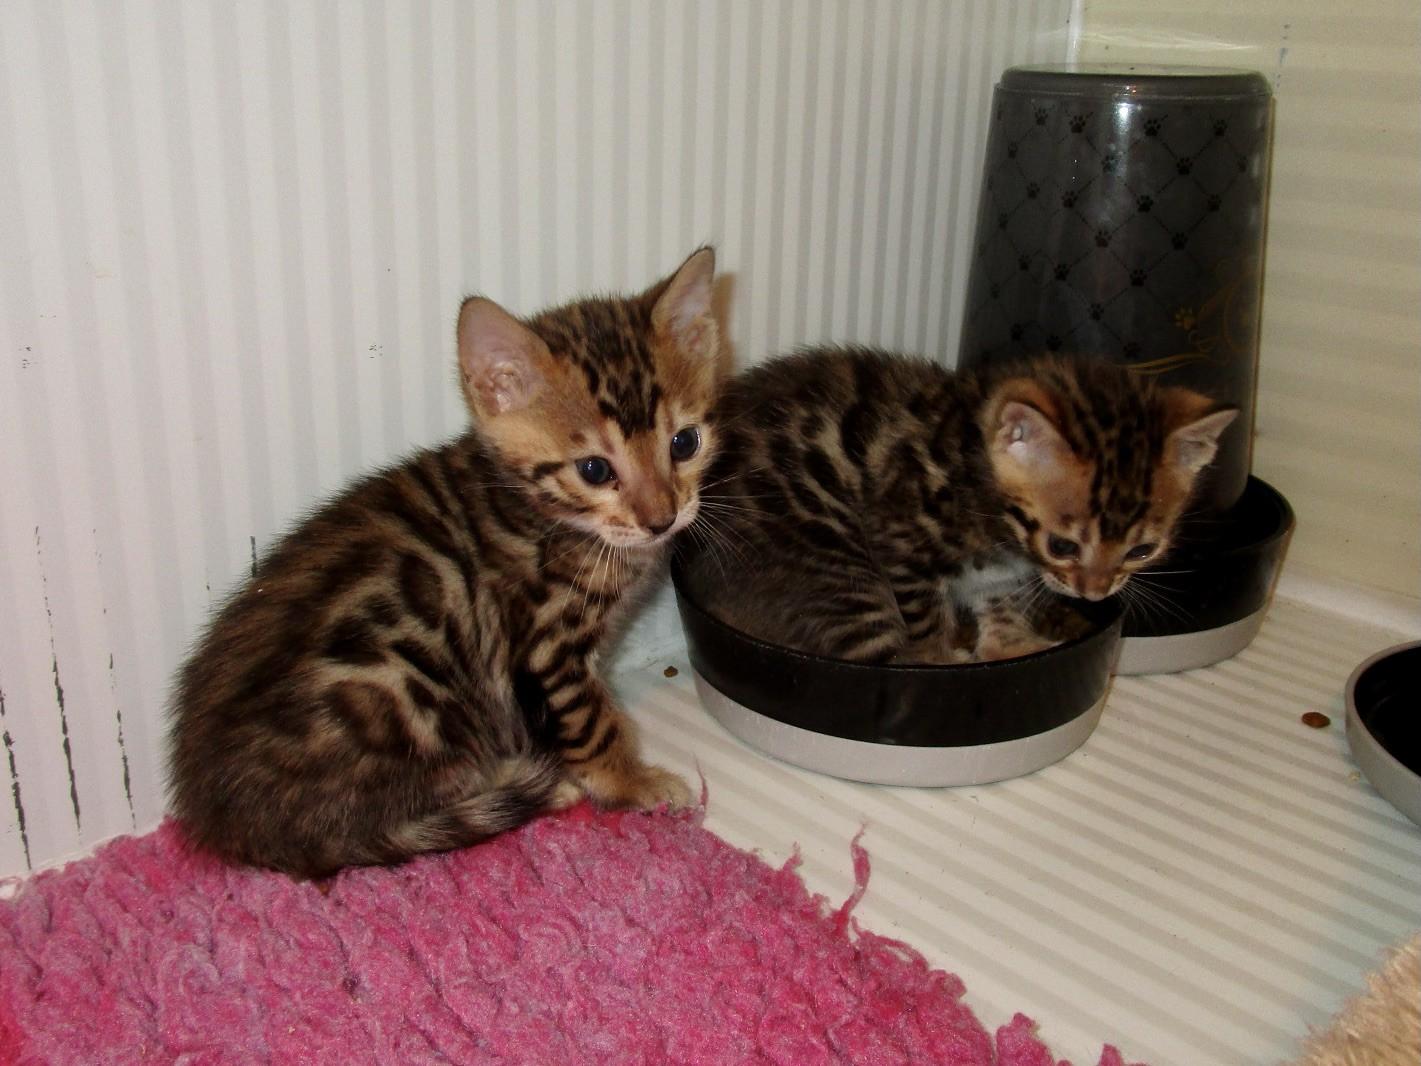 Mâle 2 et Femelle 1 - 1 mois...